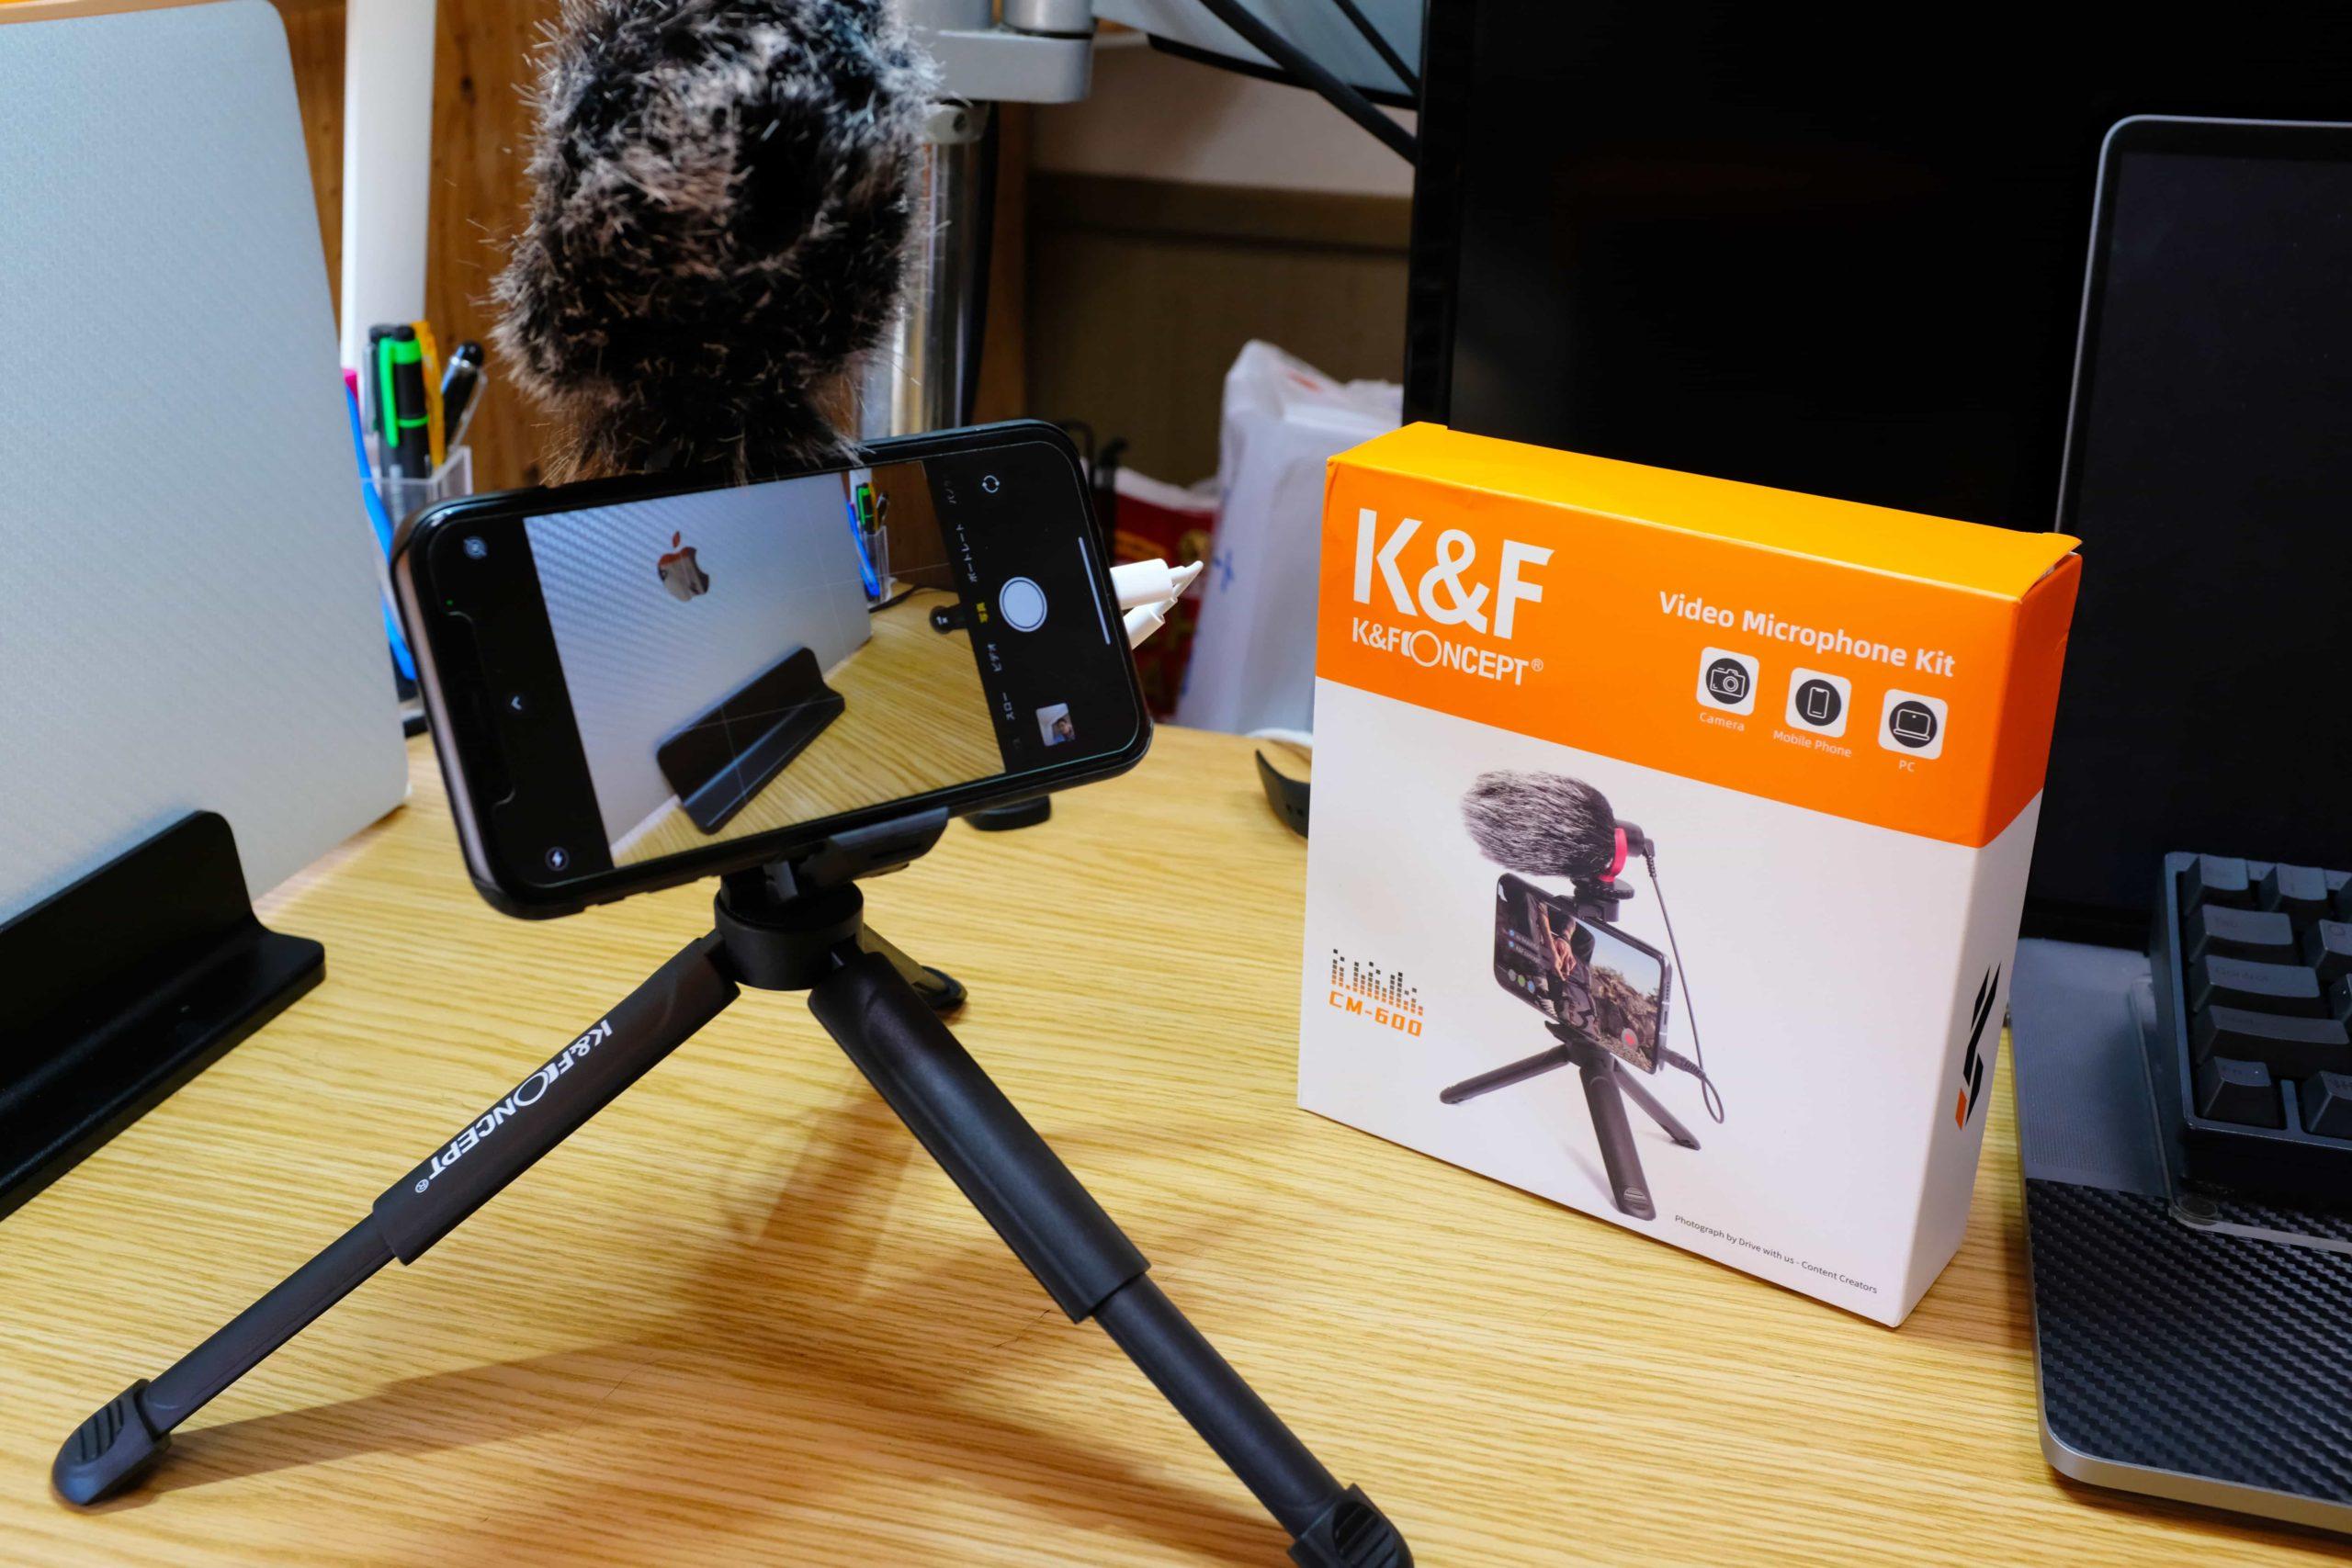 スマホのZoom会議がもっと快適になる「K&F スマートフォンビデオキット」をレビュー